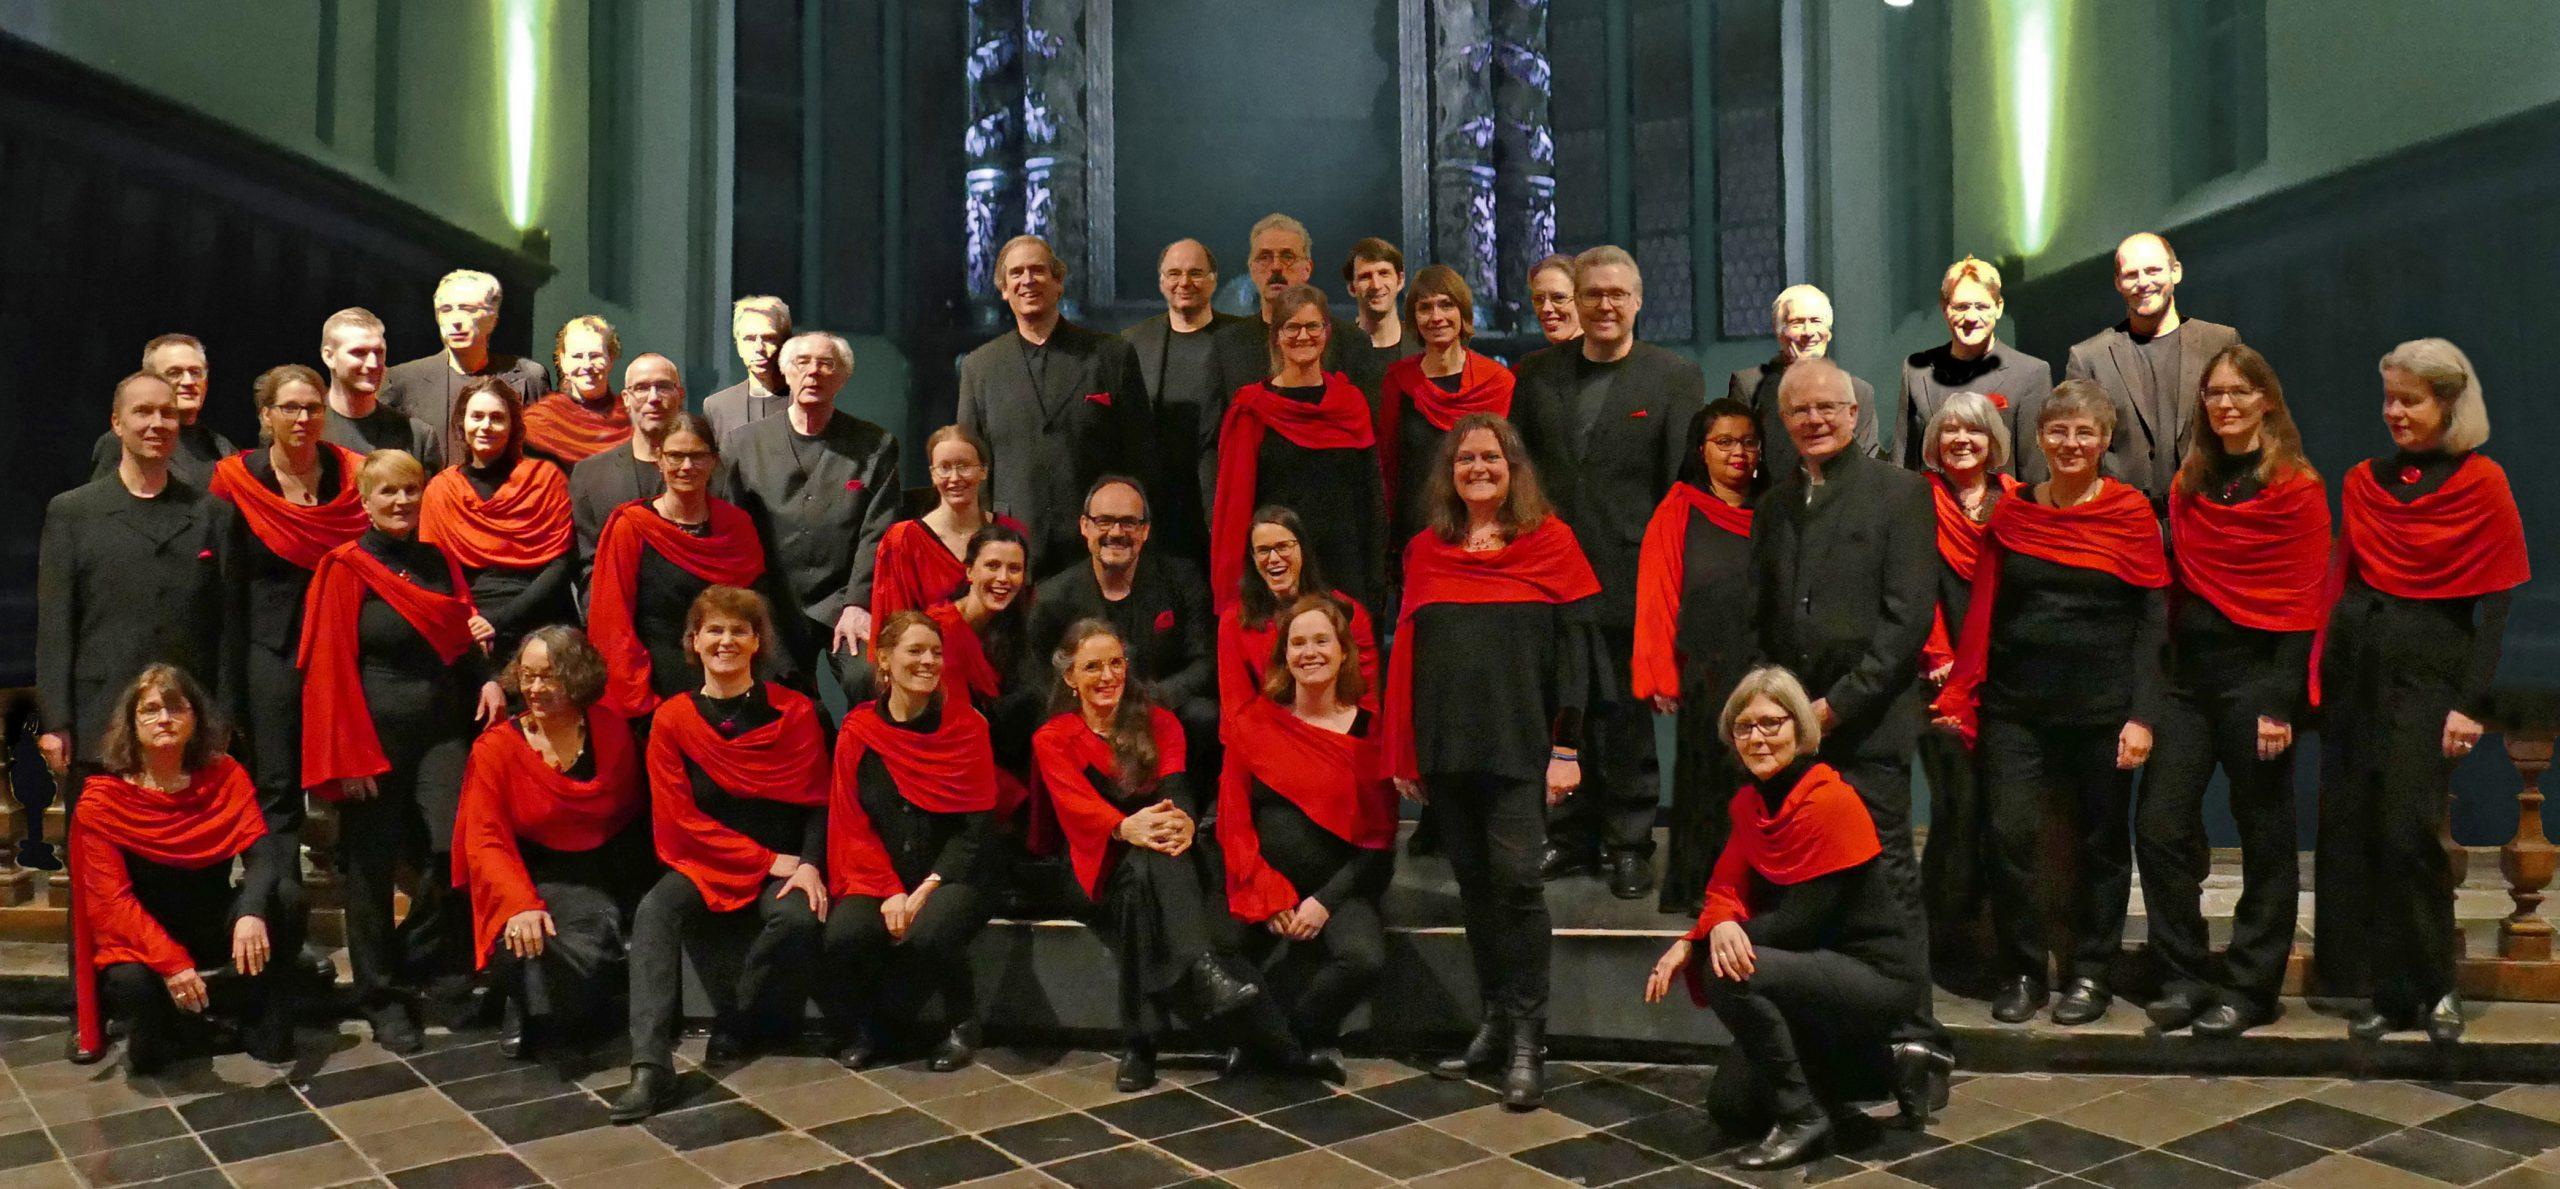 Carmina Mundi - der ausgezeichnete Chor aus Aachen